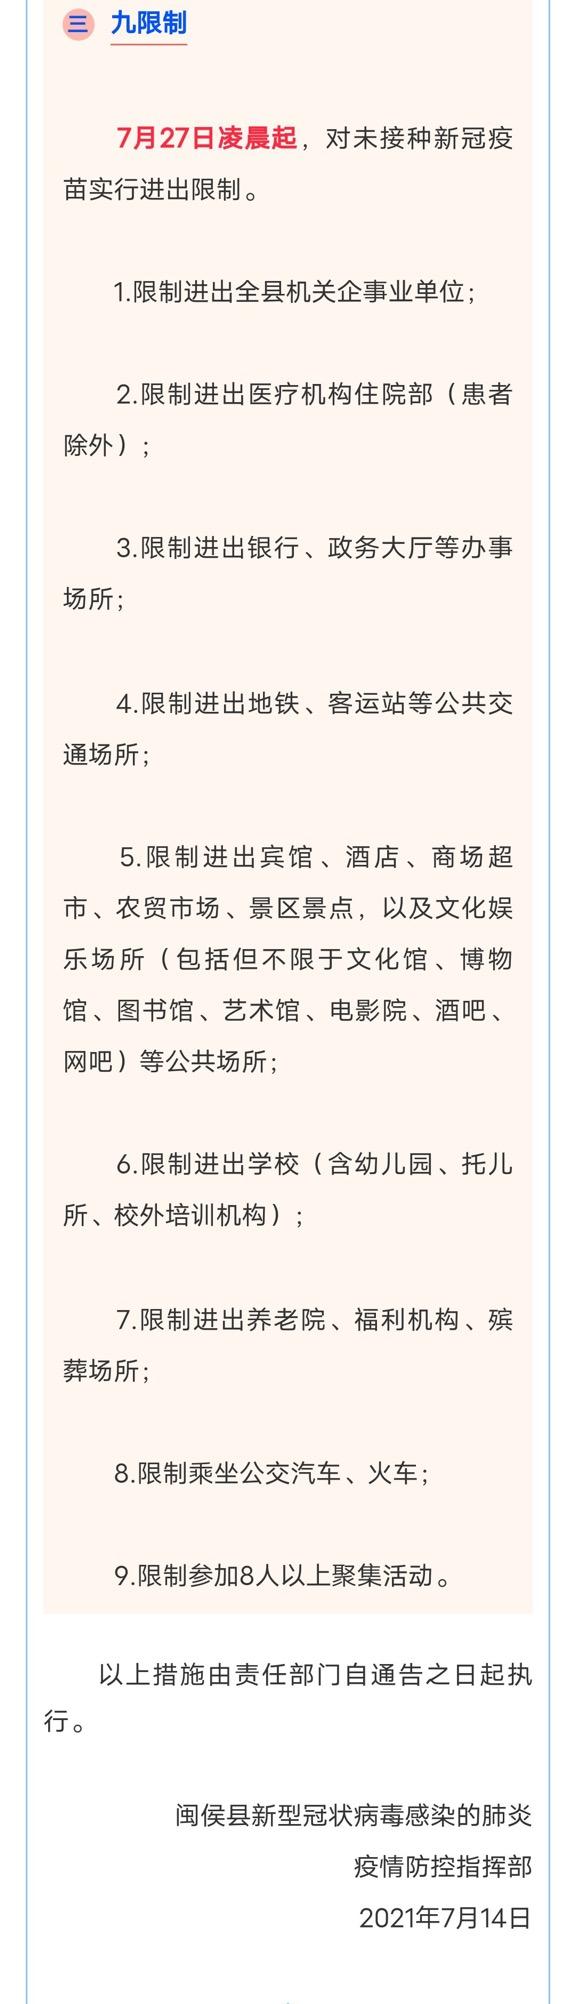 注意!福州闽侯县对未接种疫苗人员执行九限制